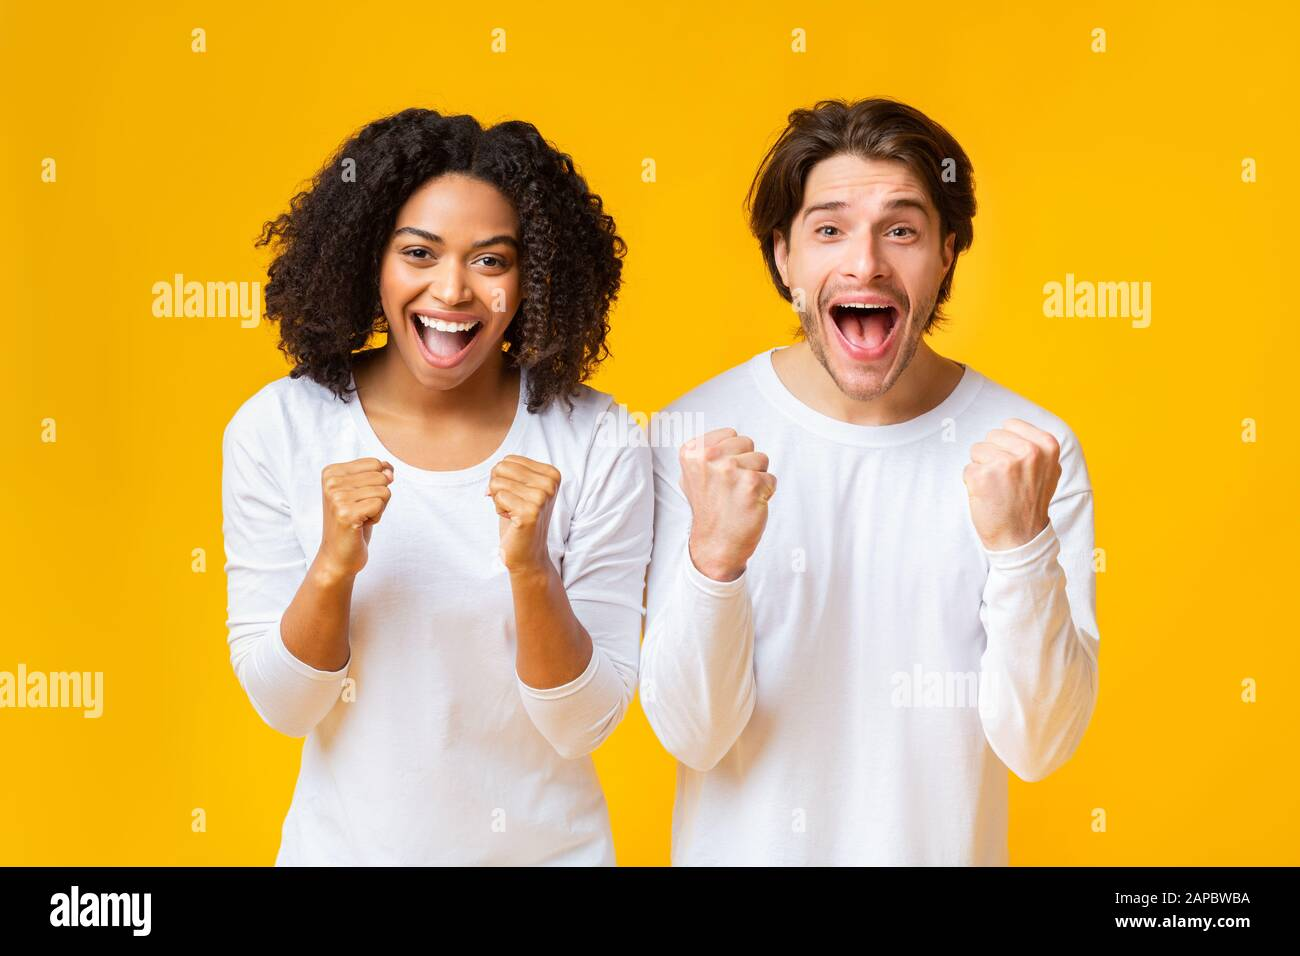 Un couple de race mixte à Cheful célébrant le succès, se levant les mains avec enthousiasme Banque D'Images